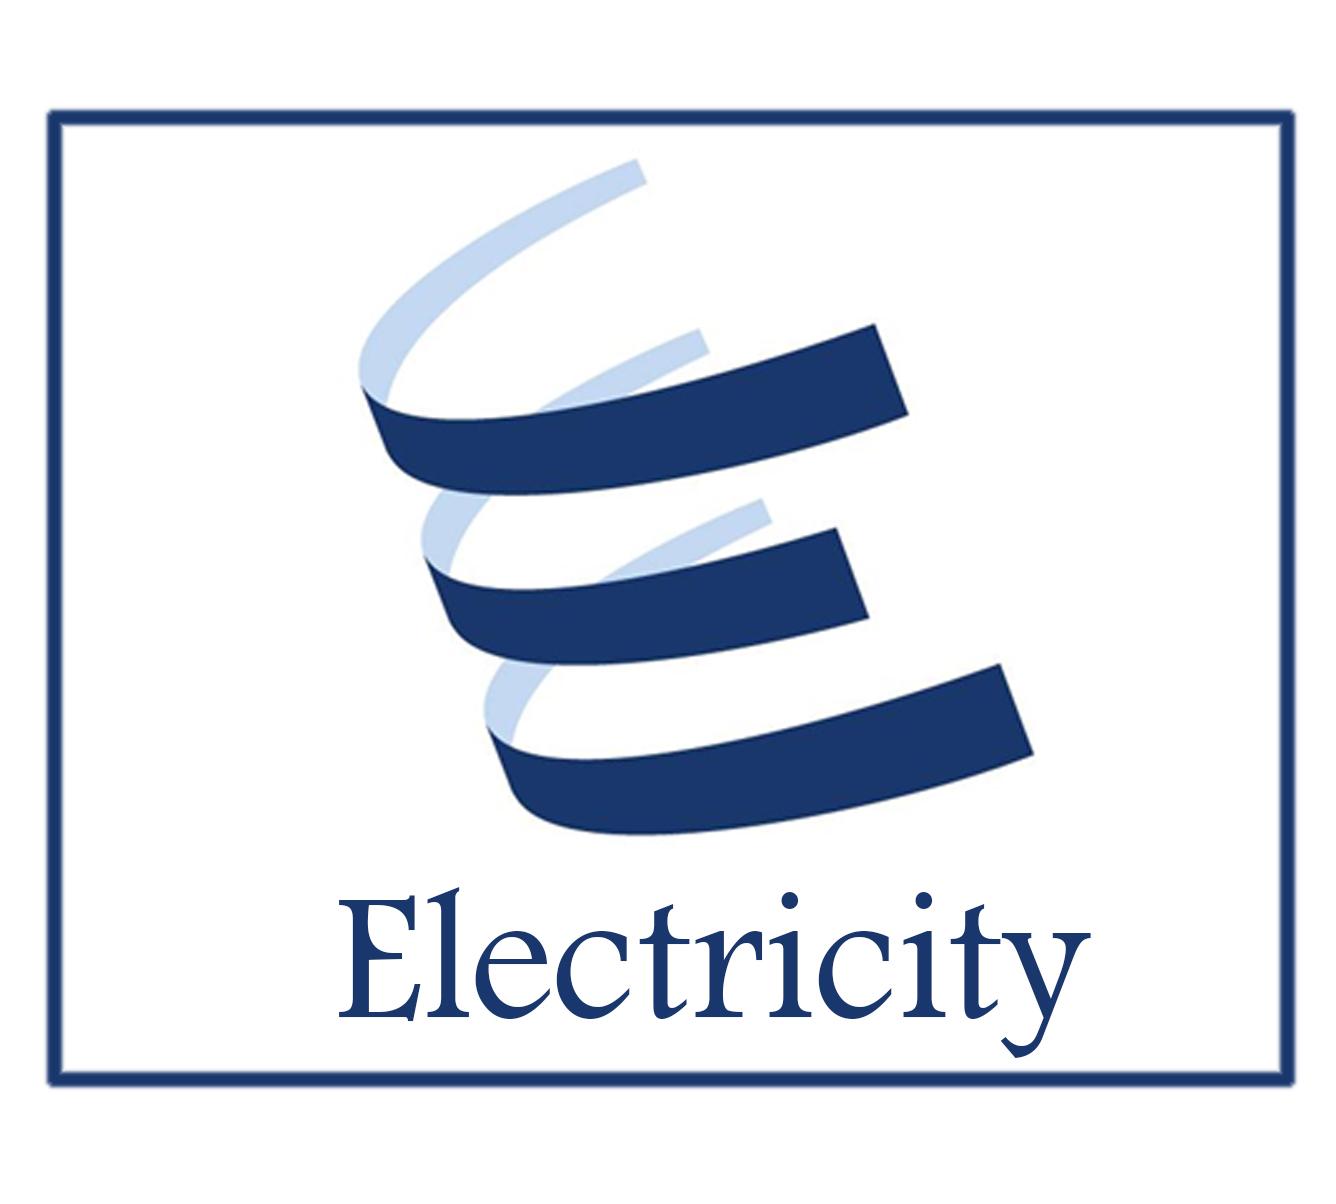 مشاريع الكهرباء و الانارة